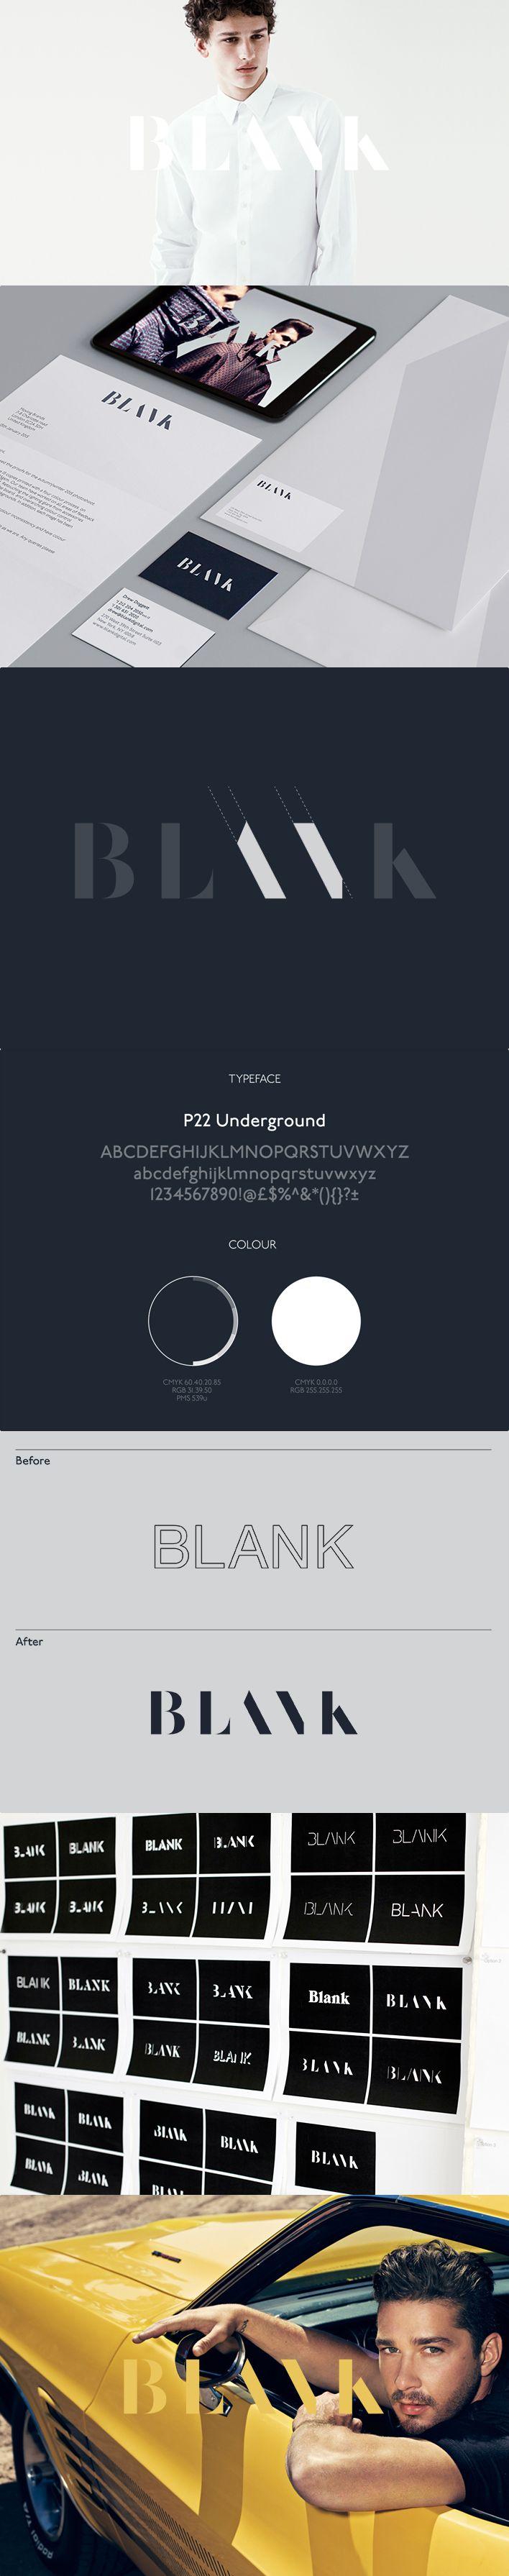 BLANK #branding #logotipo espectacular el gusto para la simplificación // Moving Brands